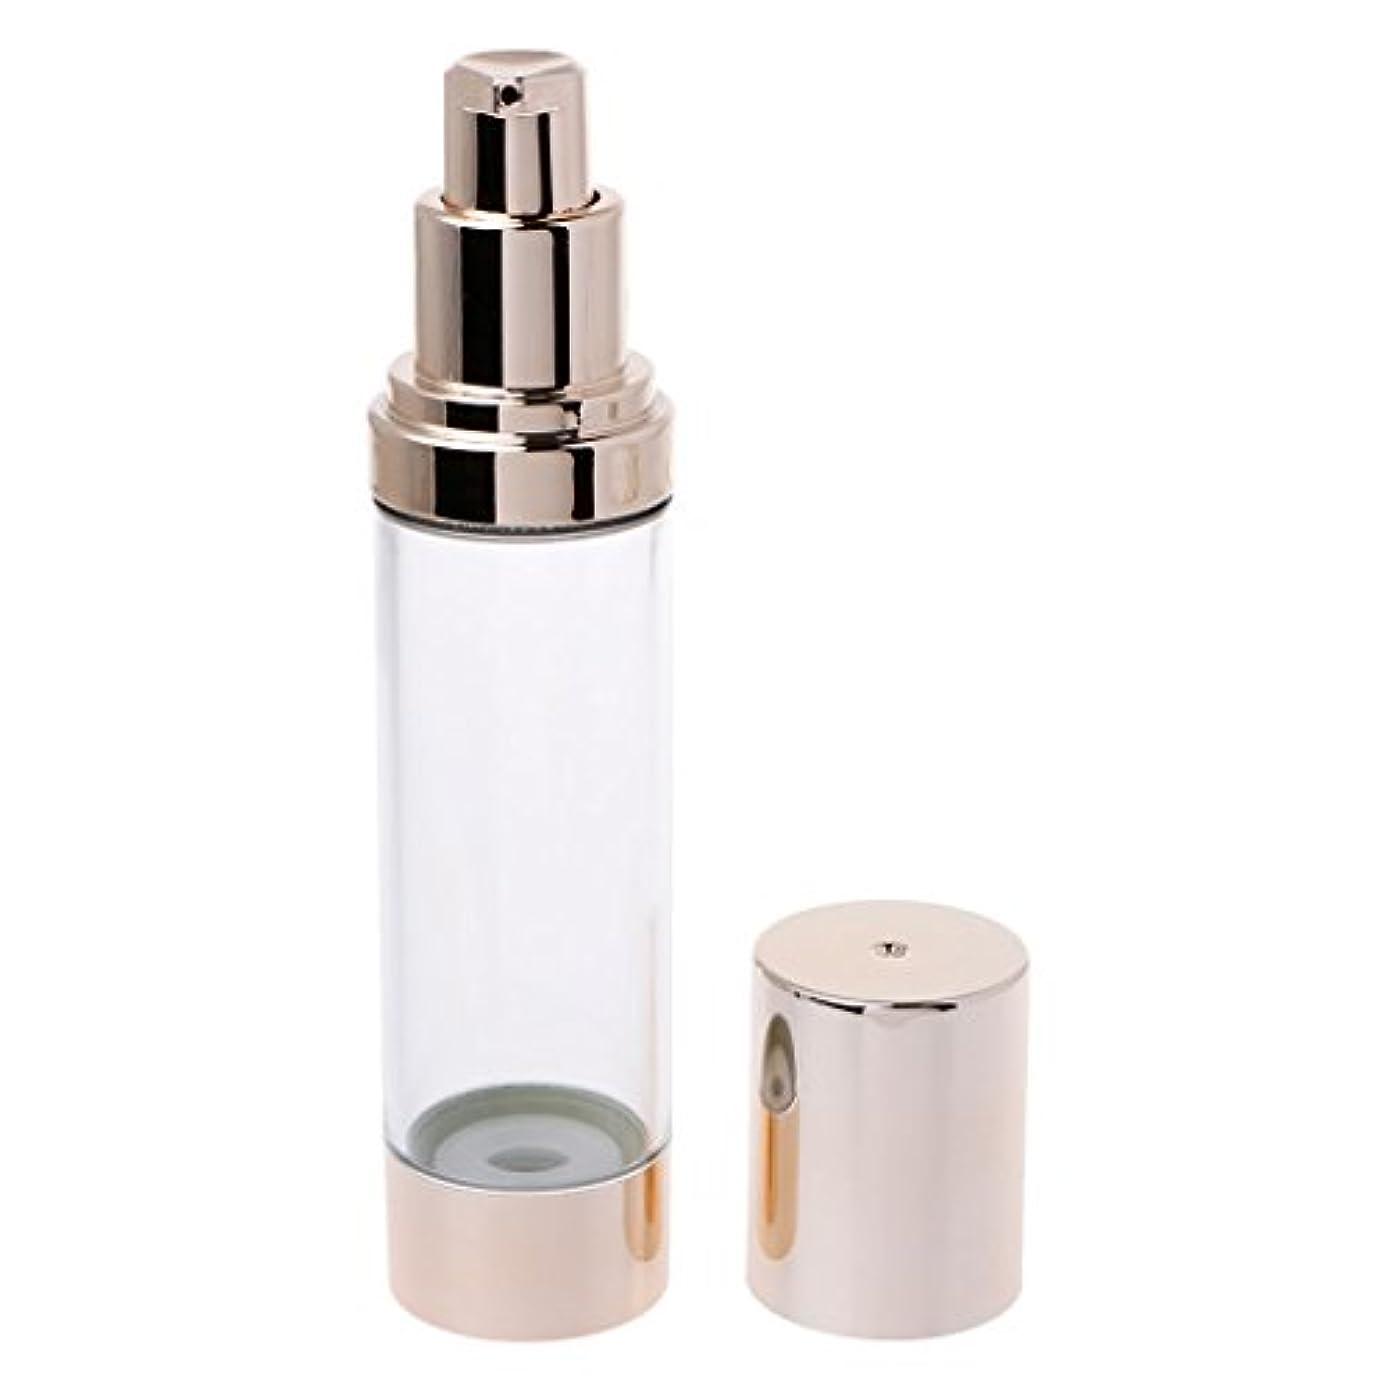 拒絶肝渇きDabixx 15/30 / 50ML空化粧品エアレスボトルプラスチック処理ポンプトラベルボトル - 50ML